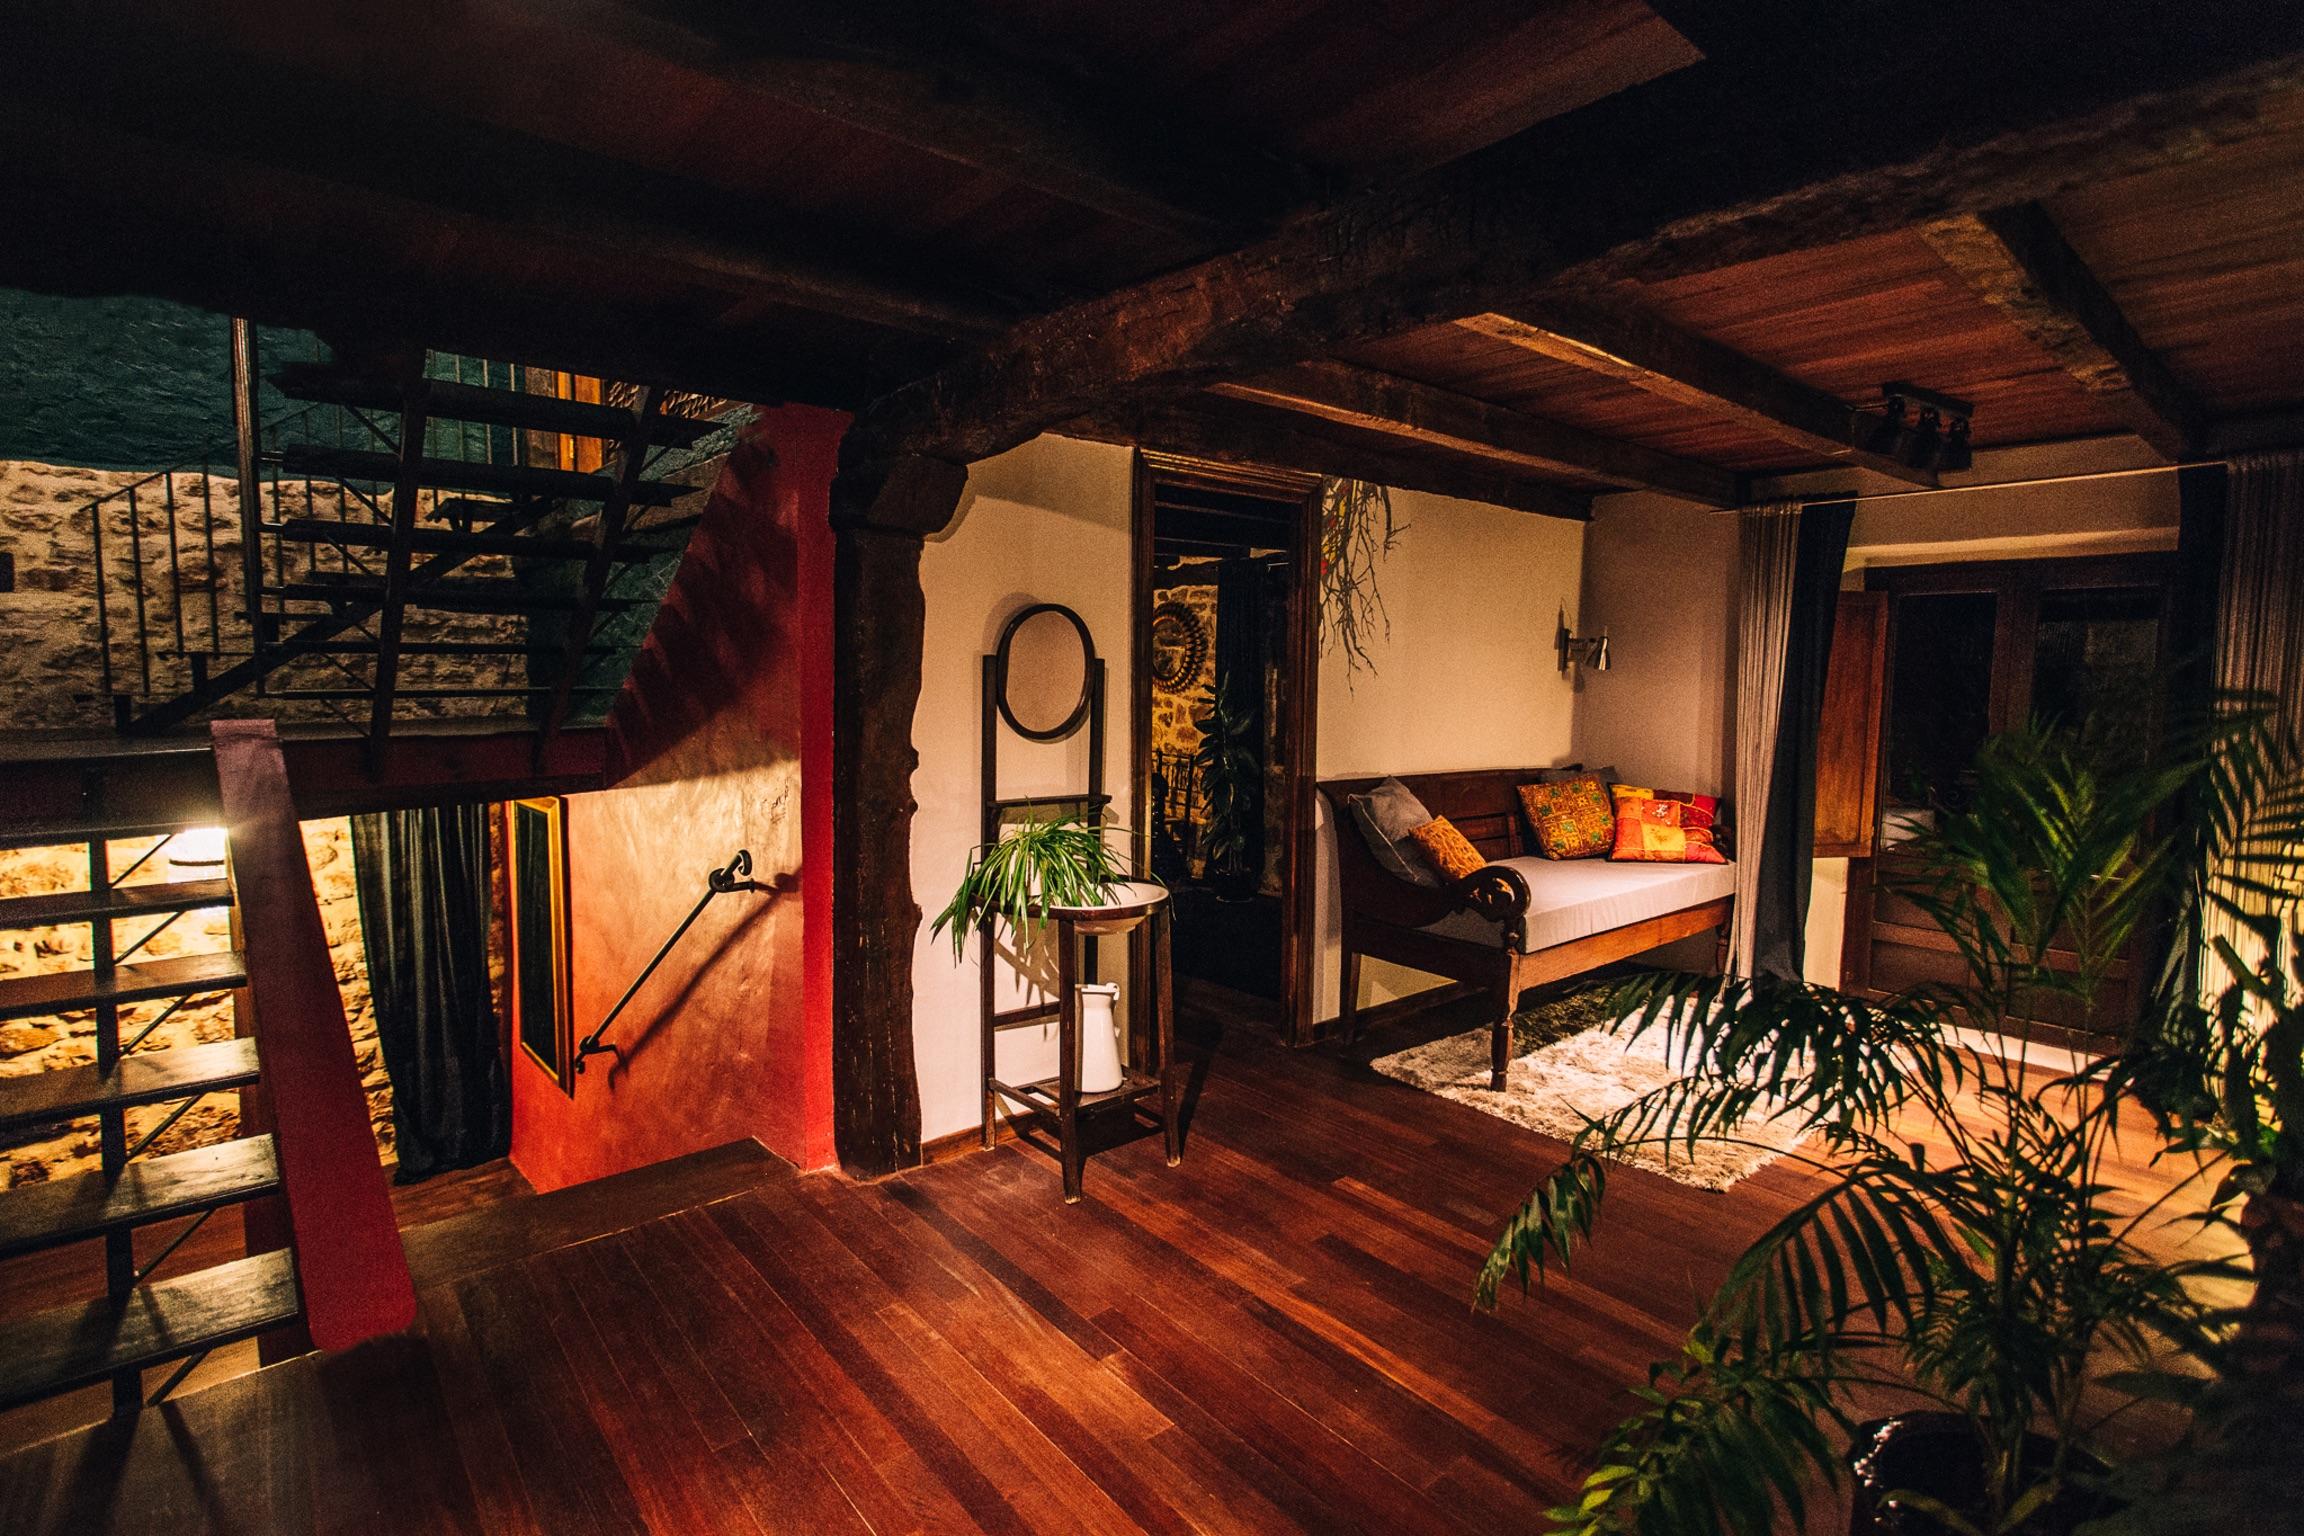 Ferienhaus Haus mit 5 Zimmern in Fuenteodra mit toller Aussicht auf die Berge, eingezäuntem Garten un (2211142), Fuenteodra, Burgos, Kastilien-León, Spanien, Bild 46